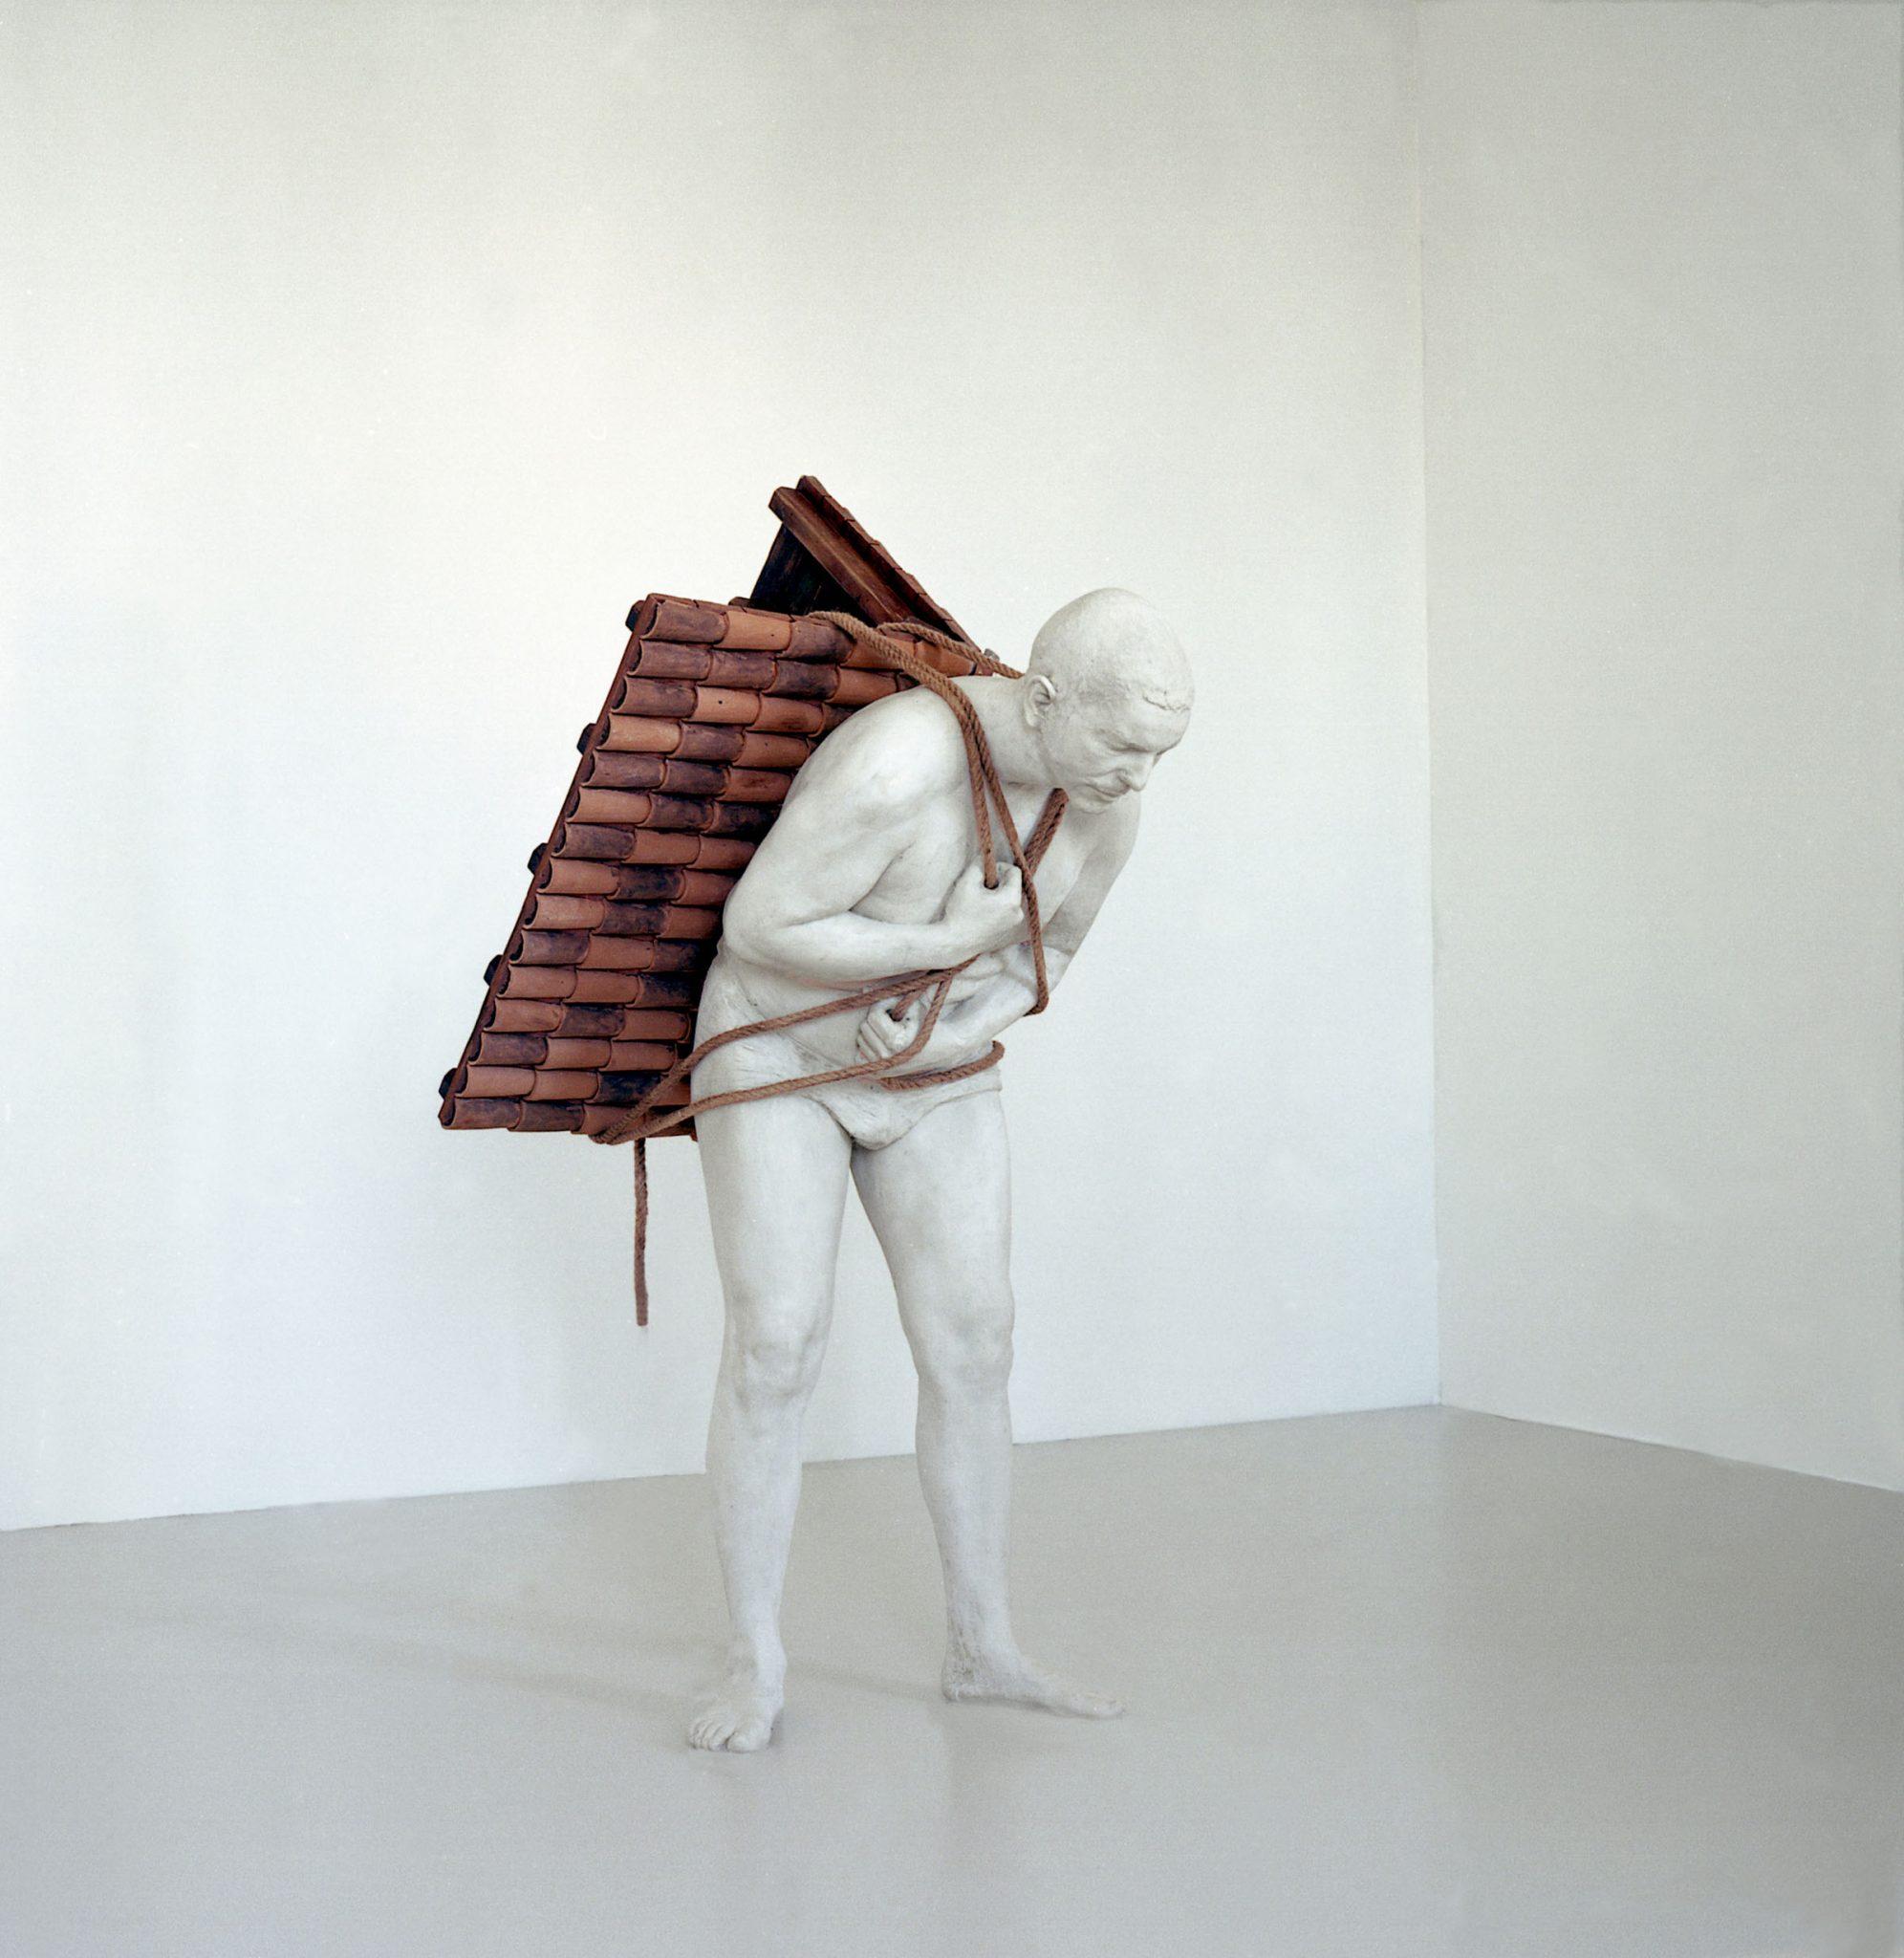 Adrian Paci, Home to go, 2001 mostra Chiostri di Sant'Eustorgio Adrian Paci marzo 2017 Milano